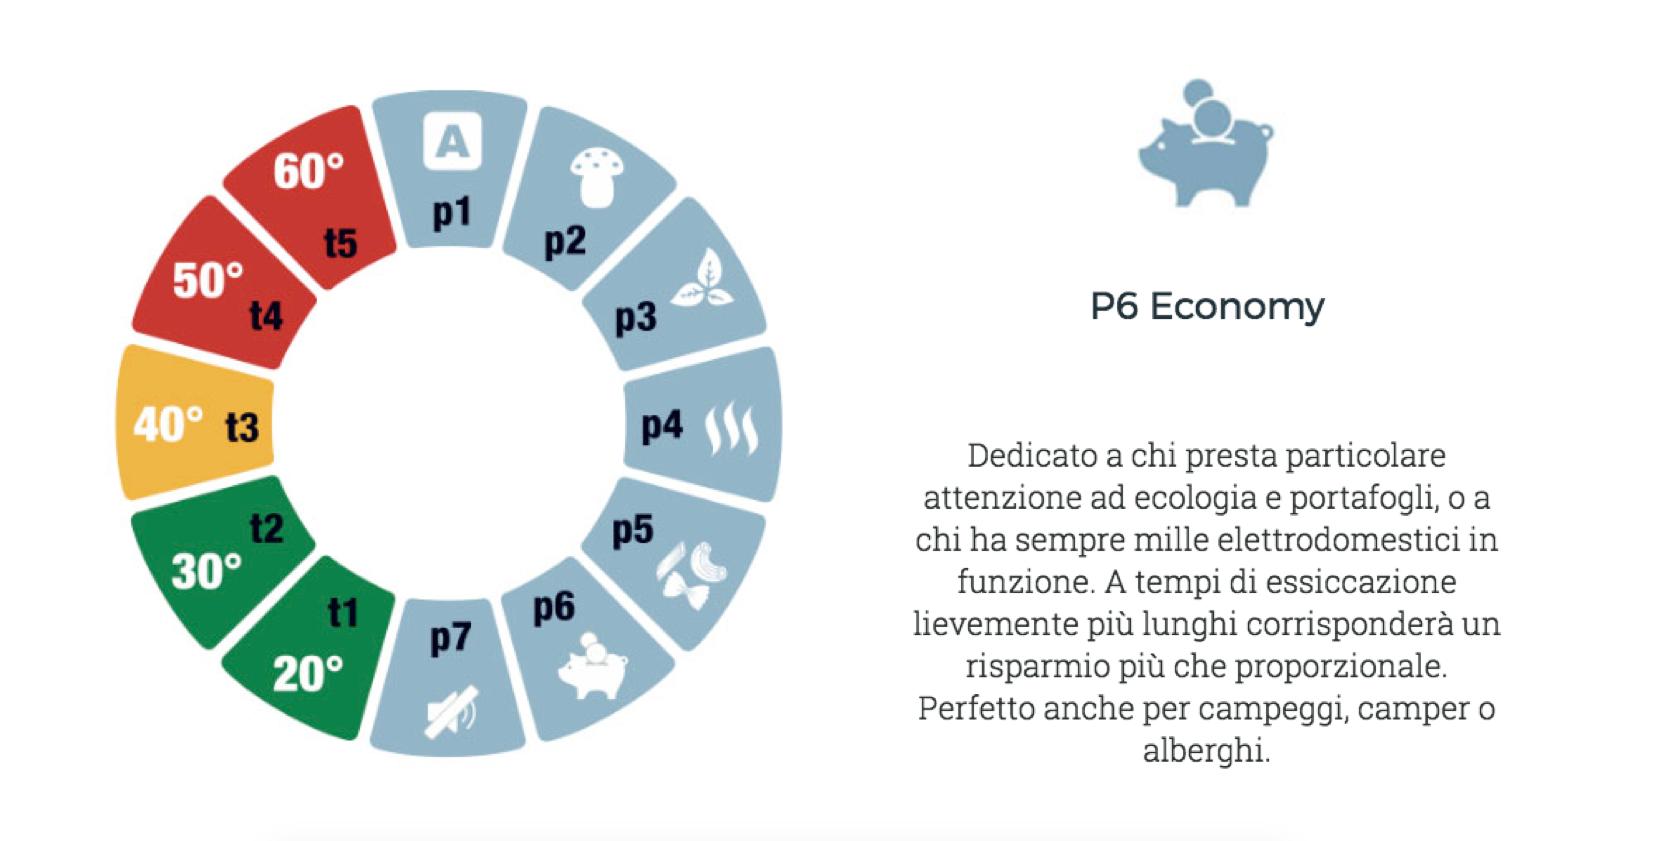 Programma Economy Biosec